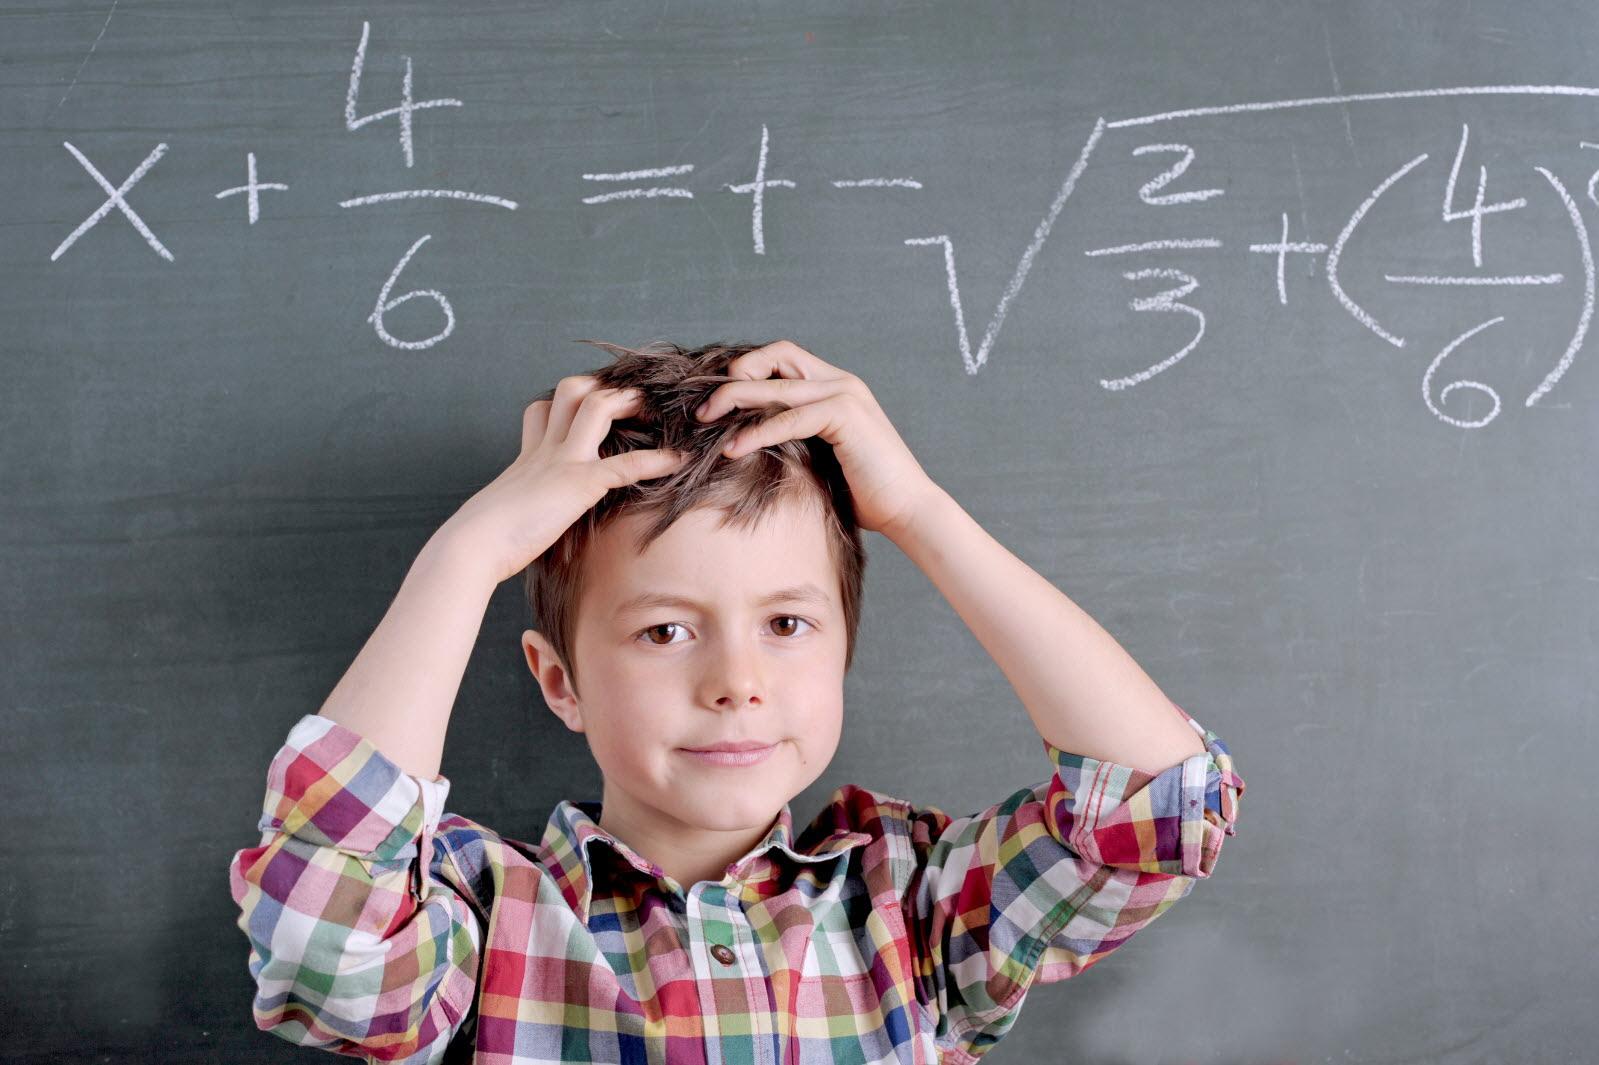 Nos élèves sont nuls en Maths et Sciences, selon une enquête internationale